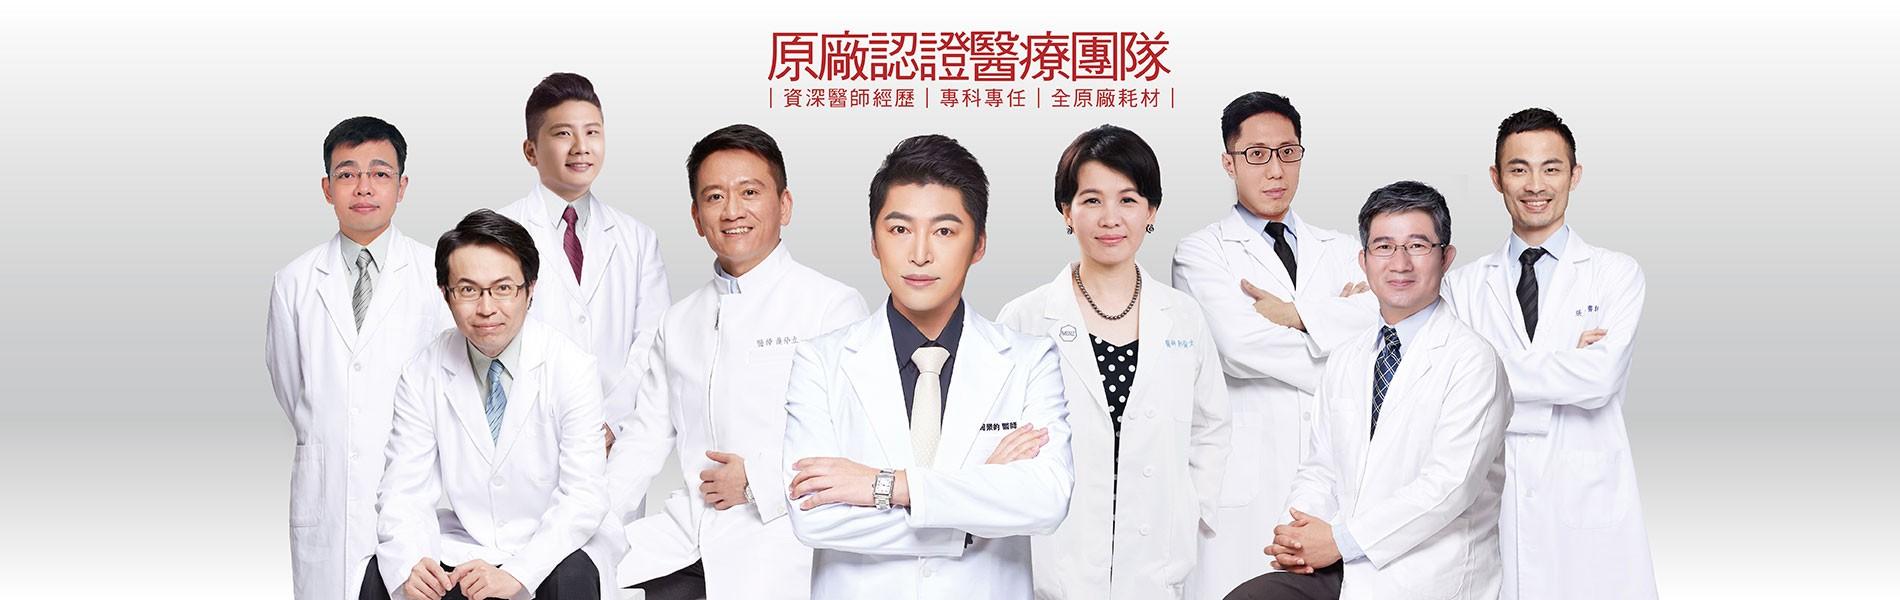 名瑿醫美診所 1